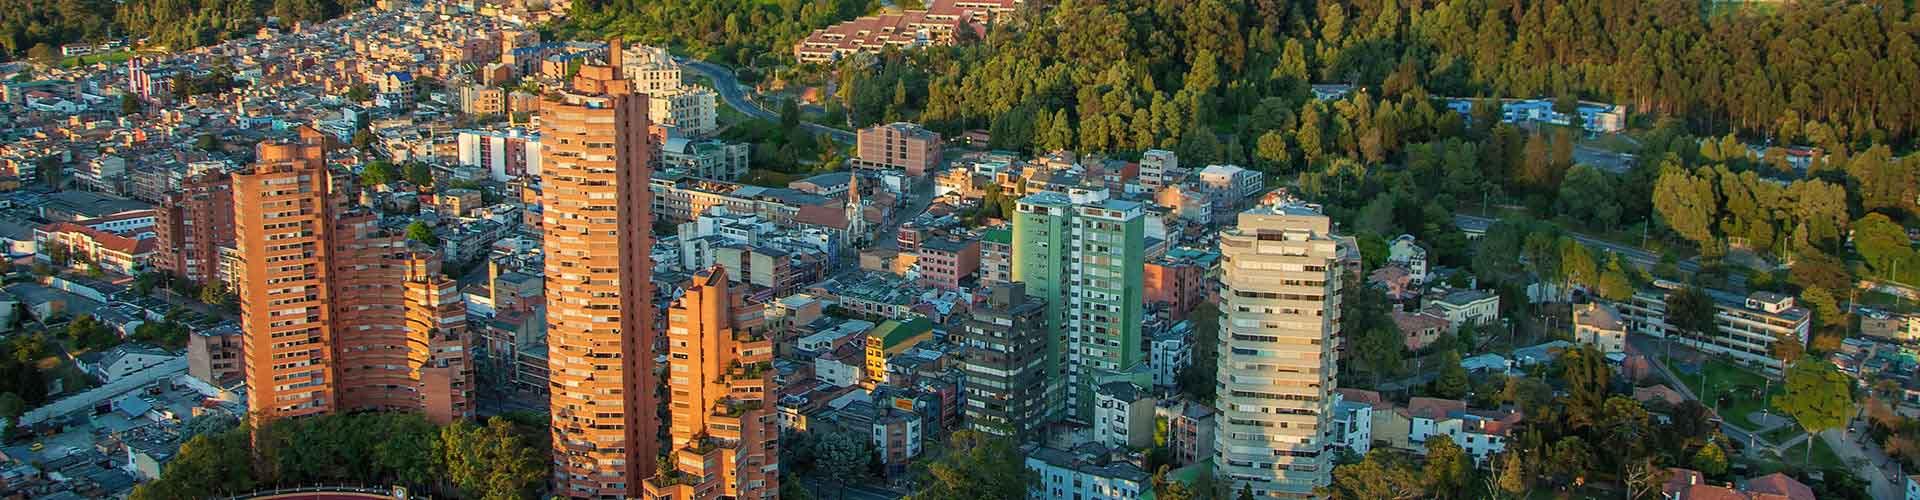 Bogota - Auberges de jeunesse dans le quartier de Muequetá. Cartes pour Bogota, photos et commentaires pour chaque auberge de jeunesse à Bogota.